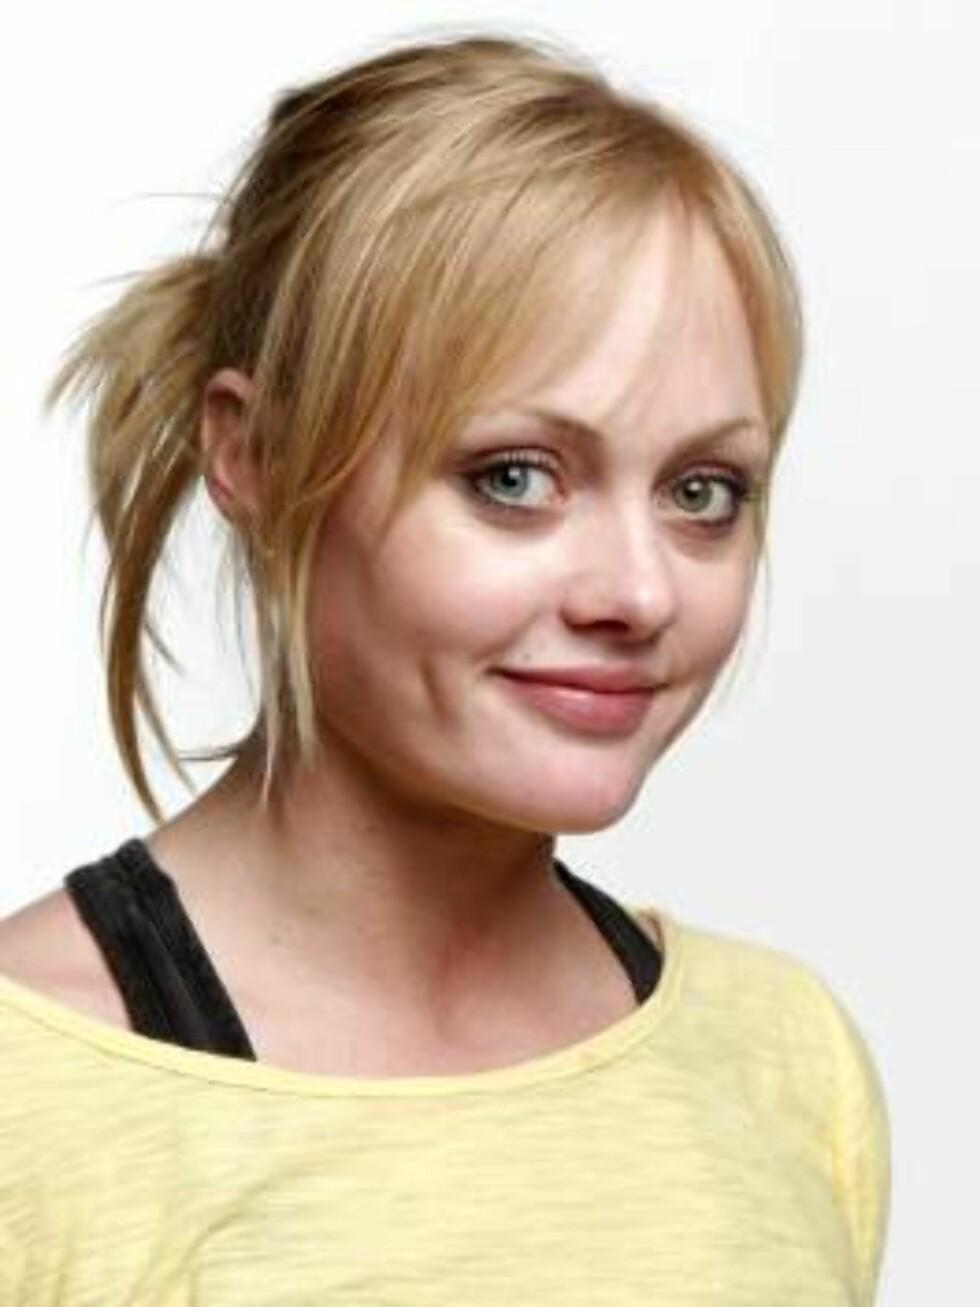 ELLEN DYBVIK (25): Fra Gamlebyen i Oslo. Danser show, jazz og klassisk ballett. Foto: TVNorge